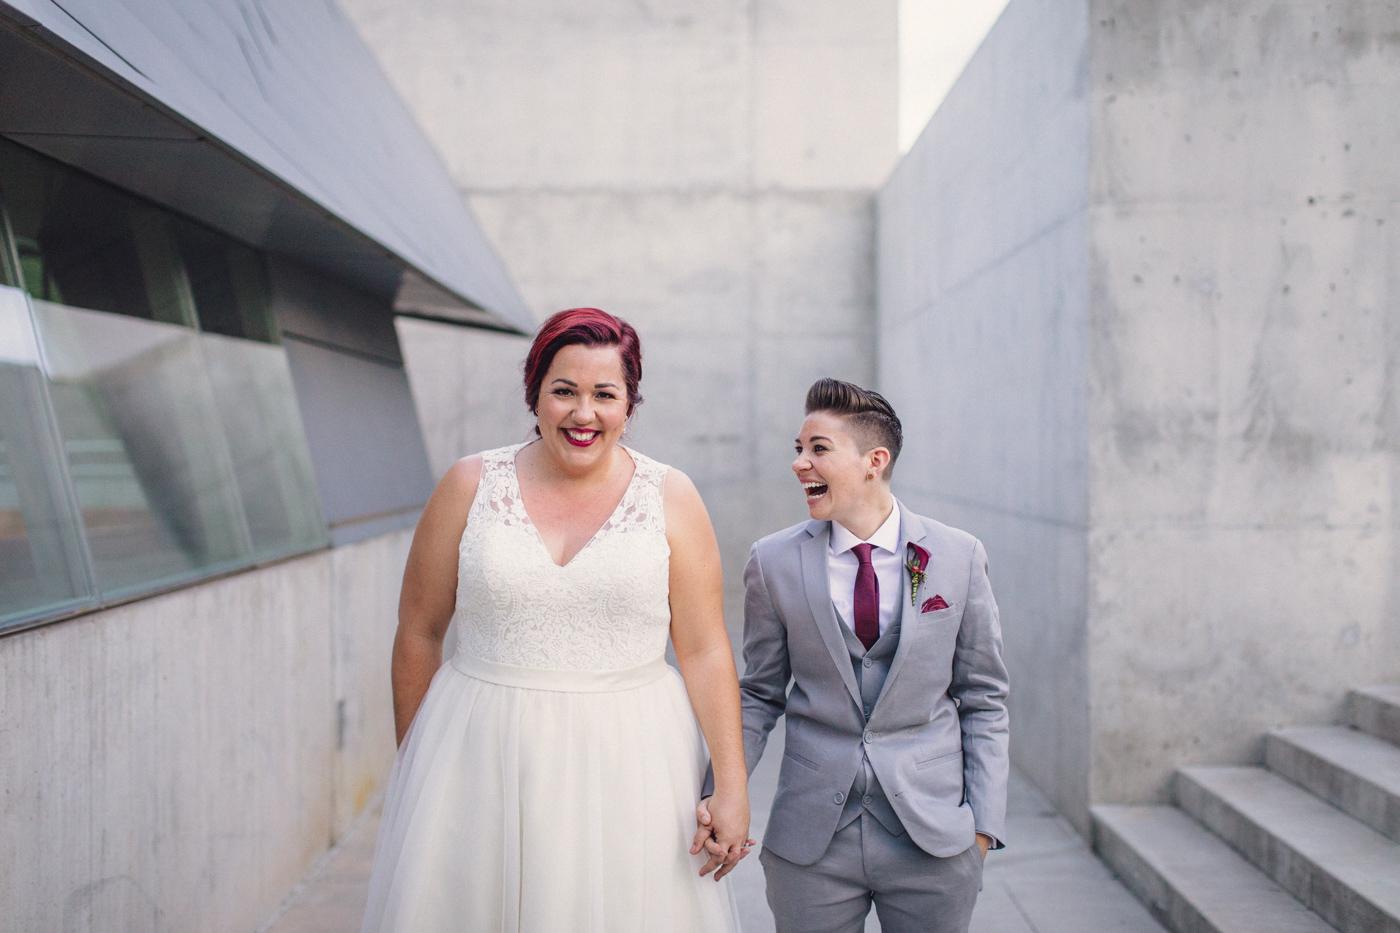 fun-laughin-wedding-photo-aaron-kes